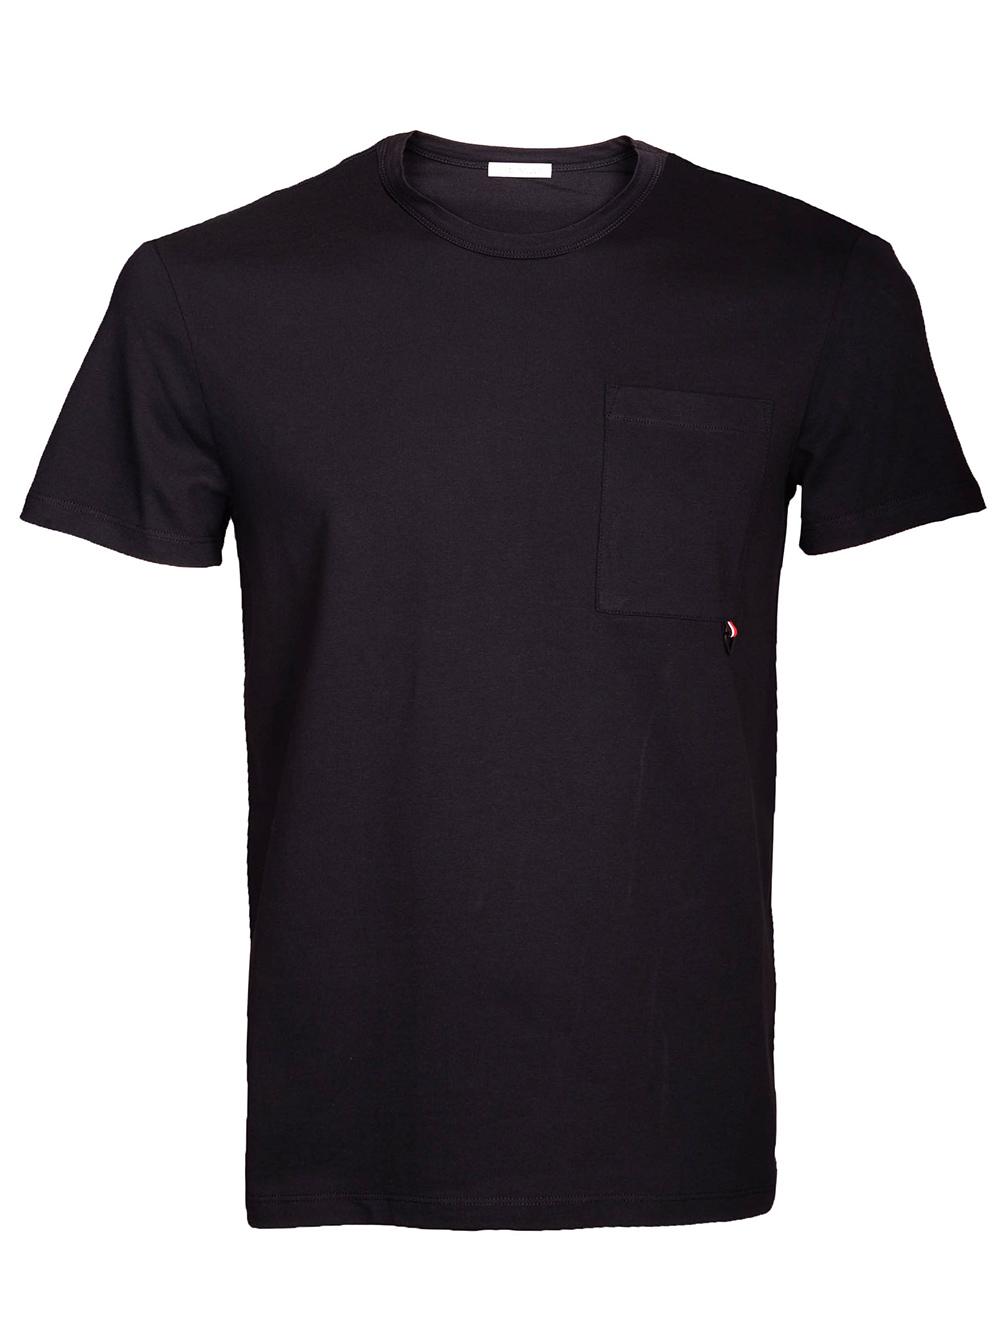 MONCLER Μπλούζα T-Shirt E1-091-8040250 ΜΑΥΡΟ